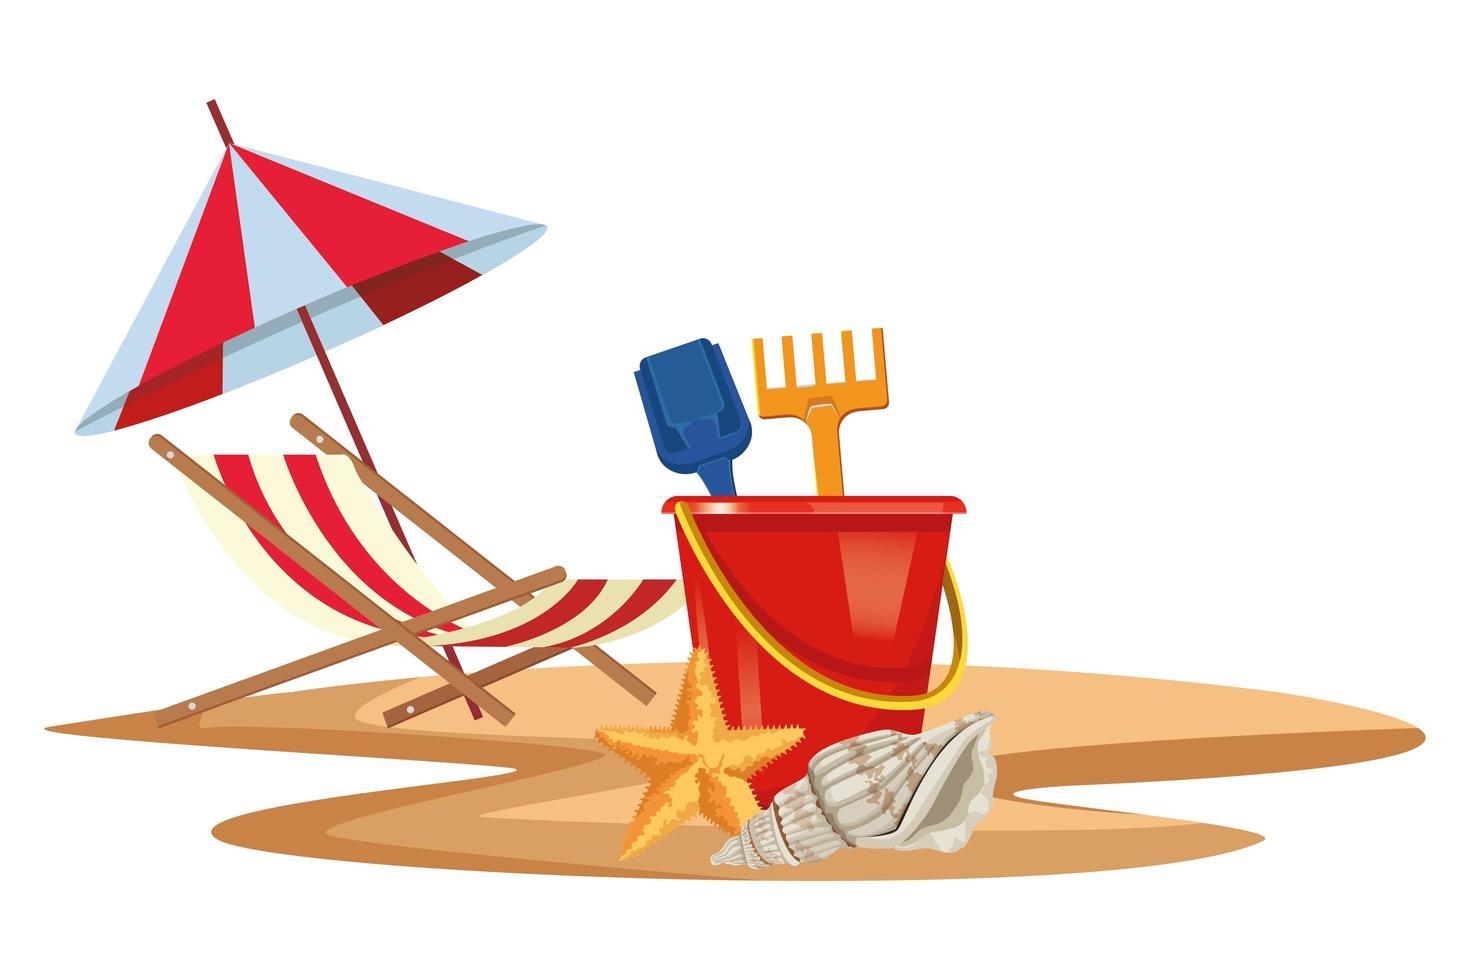 composición de verano, playa y vacaciones vector